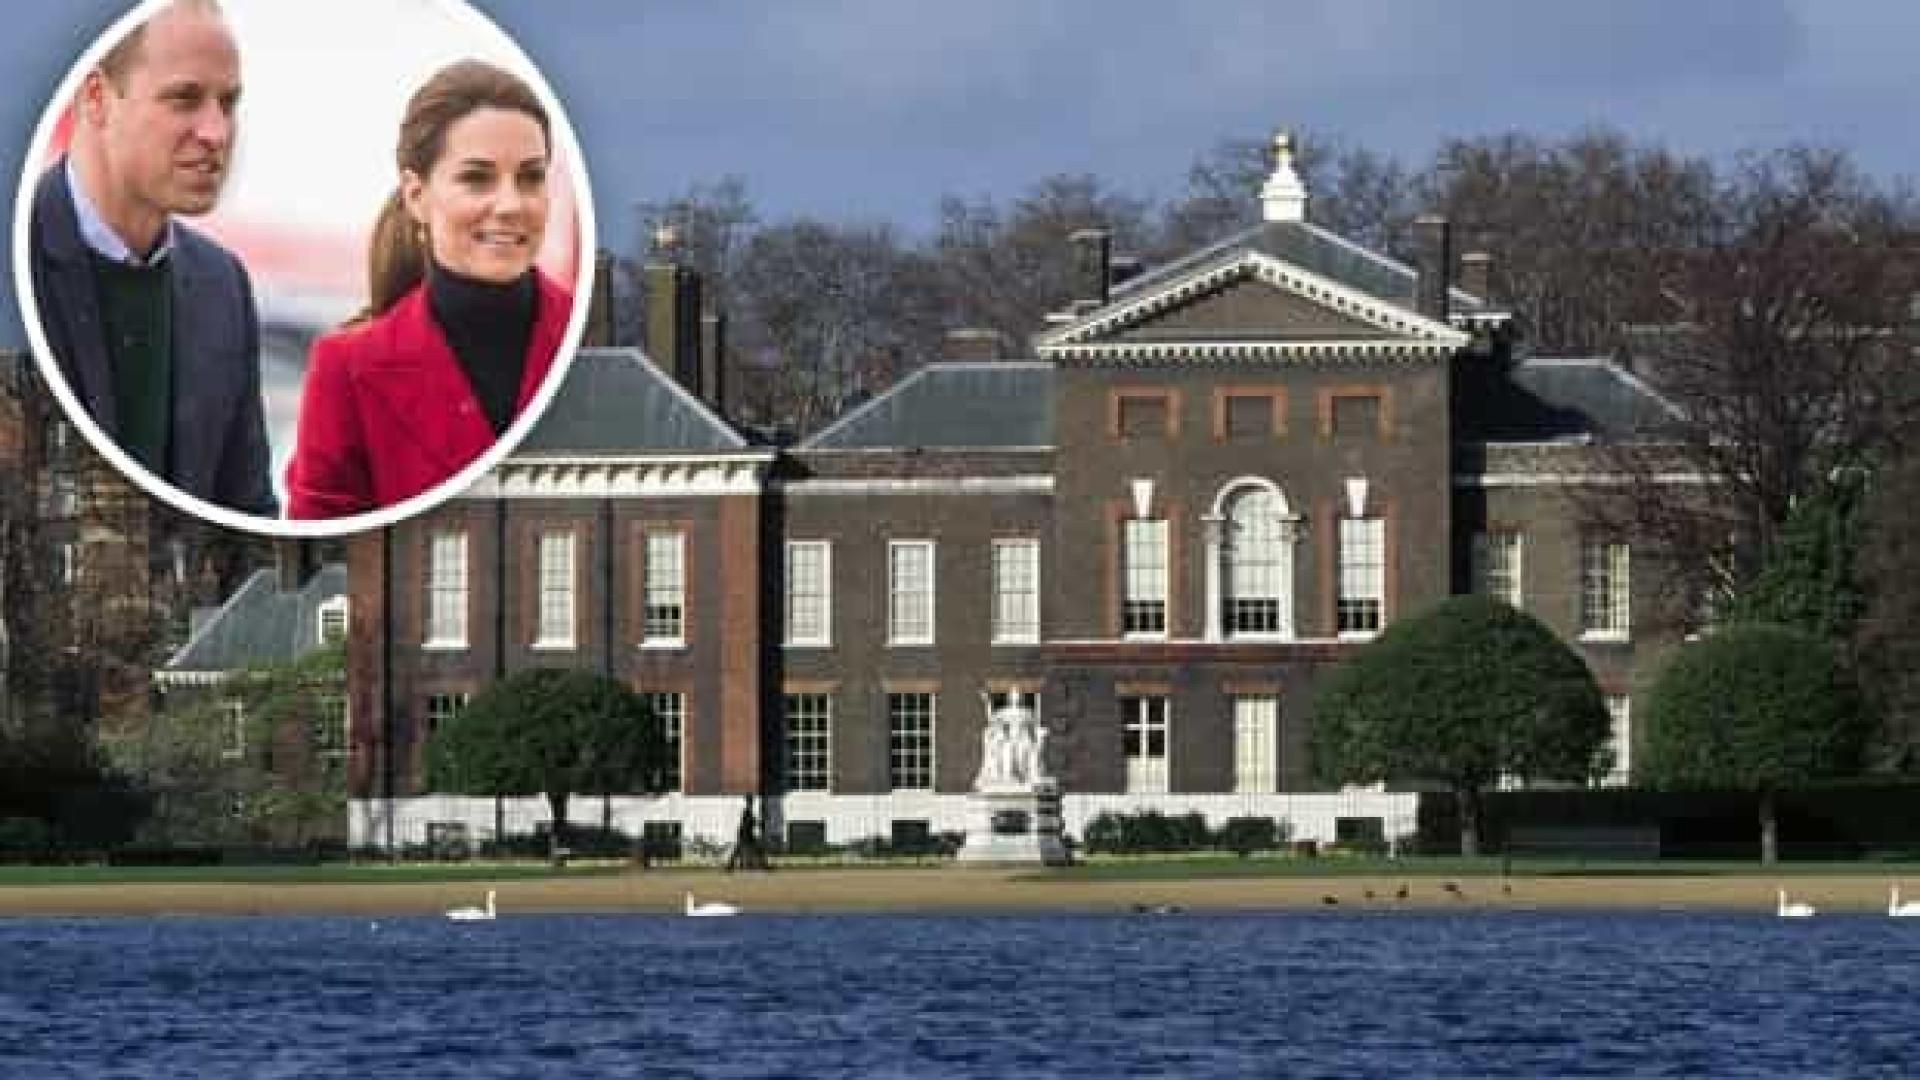 Corpo é encontrado em lago da residência do Príncipe William e Kate Middleton